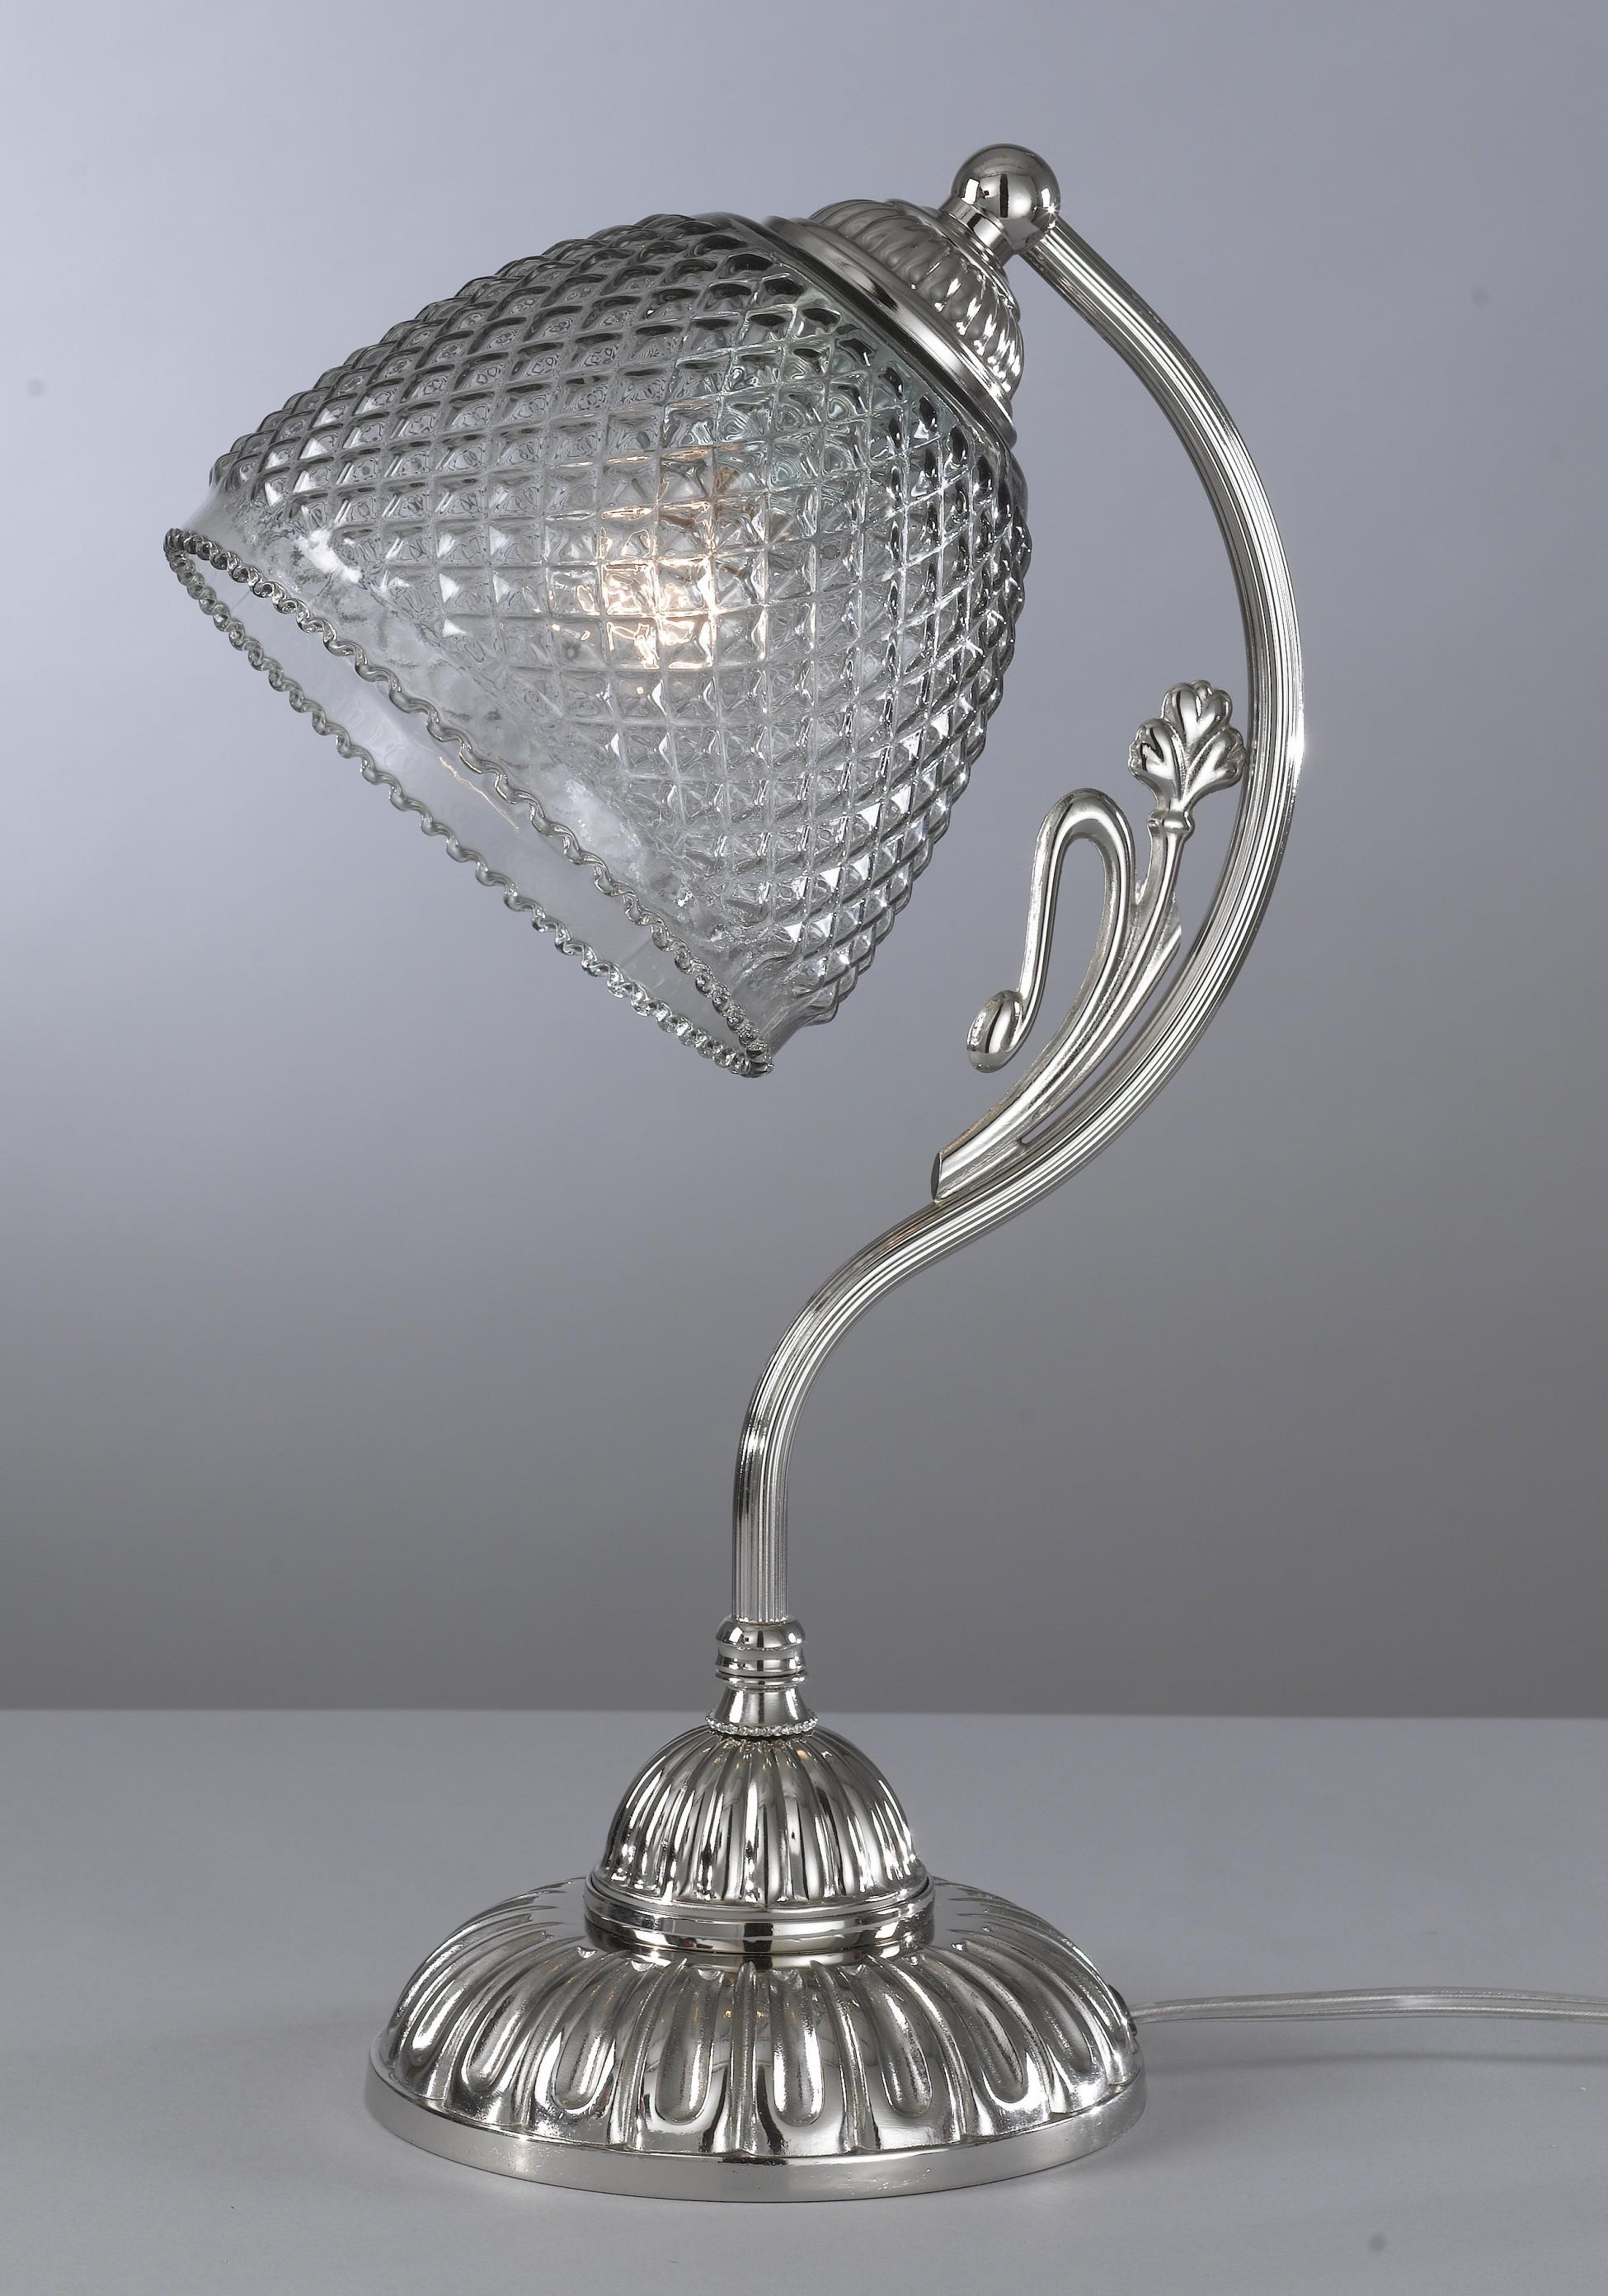 tischlampe aus messing und eisen geblasenes ger uchert glas reccagni store. Black Bedroom Furniture Sets. Home Design Ideas